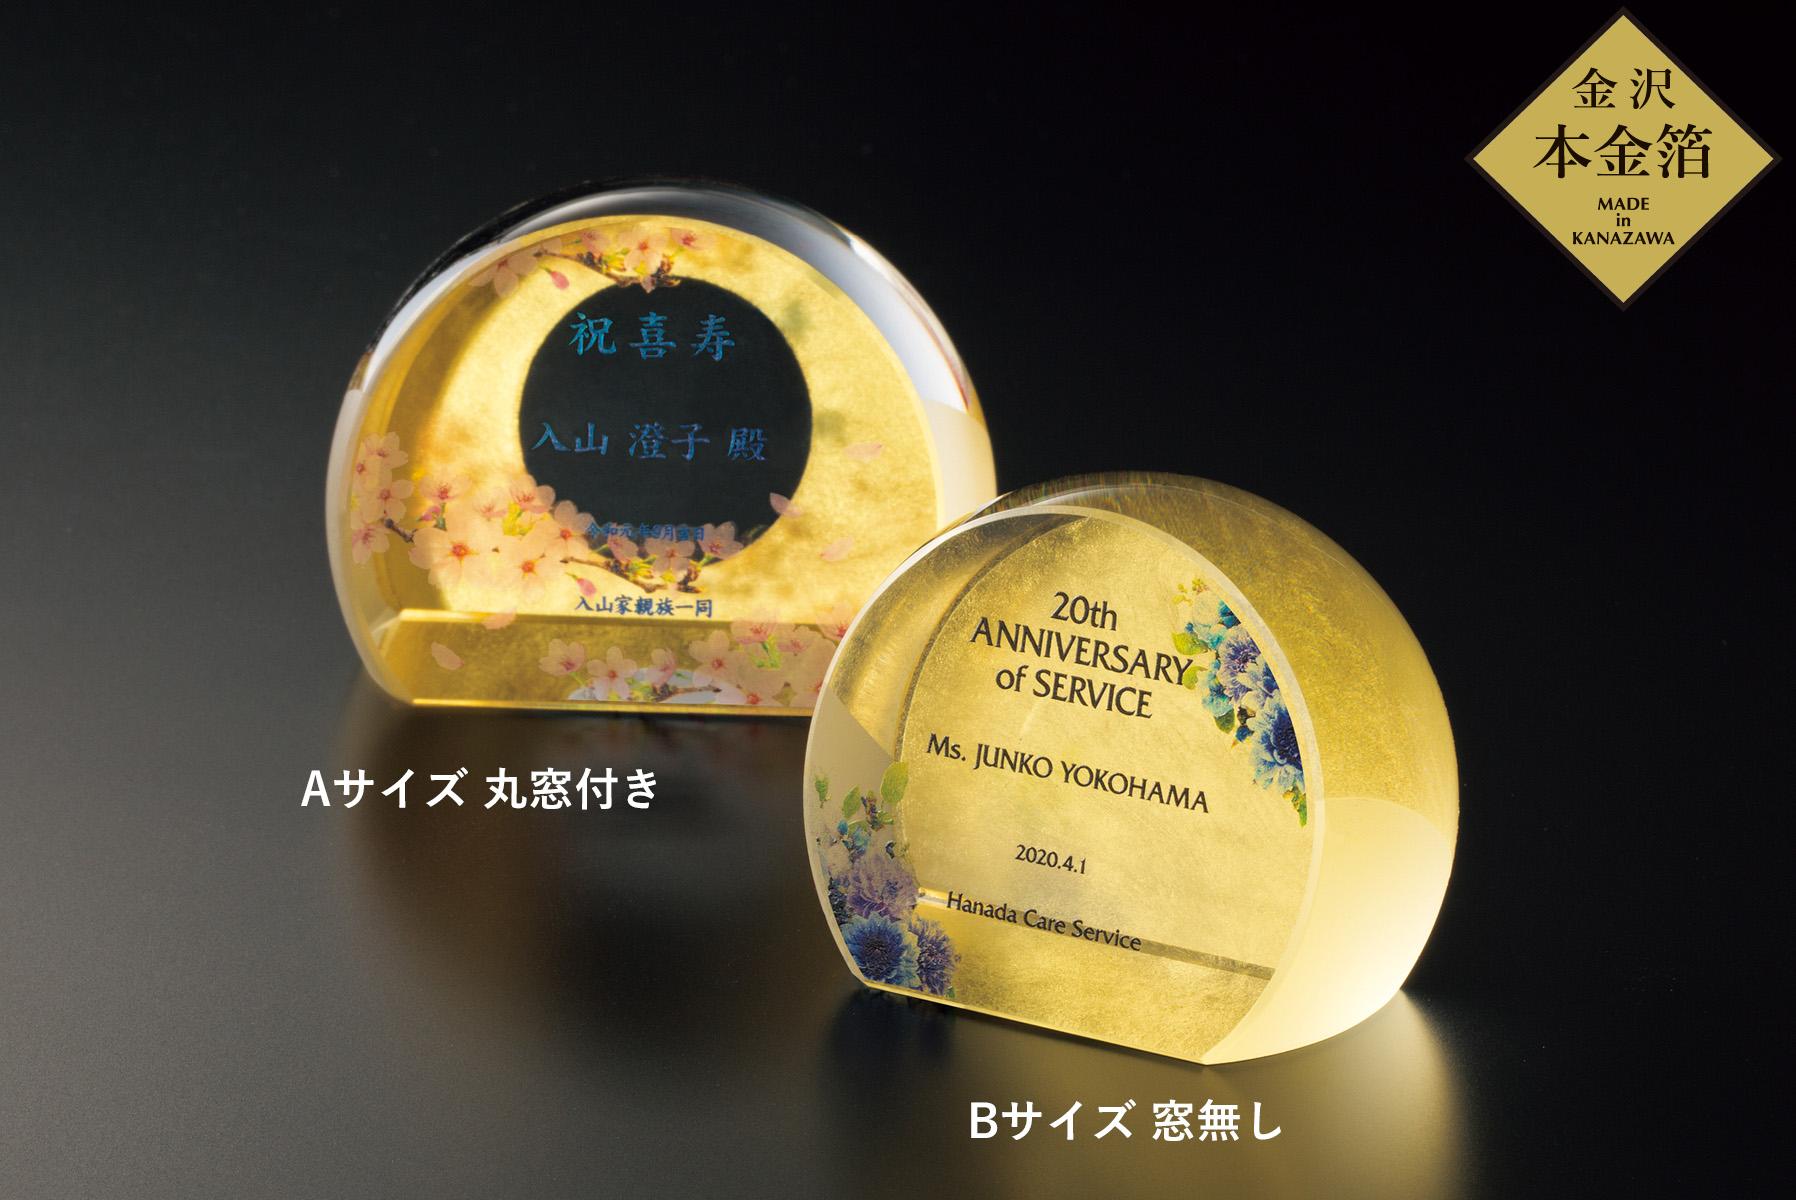 金箔を使った丸いフォルムのペーパーウェイト JV-SOG-040